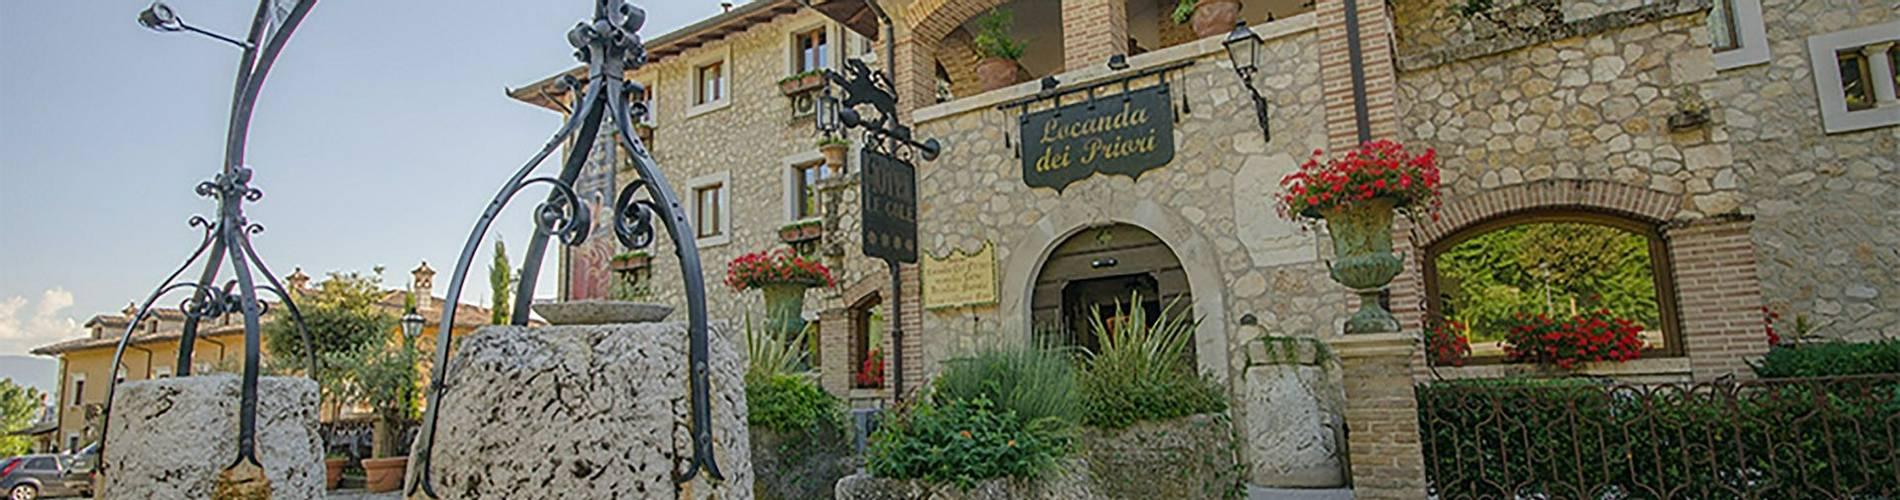 Le Gole, Abruzzo, Italy,  locanda (03).jpg